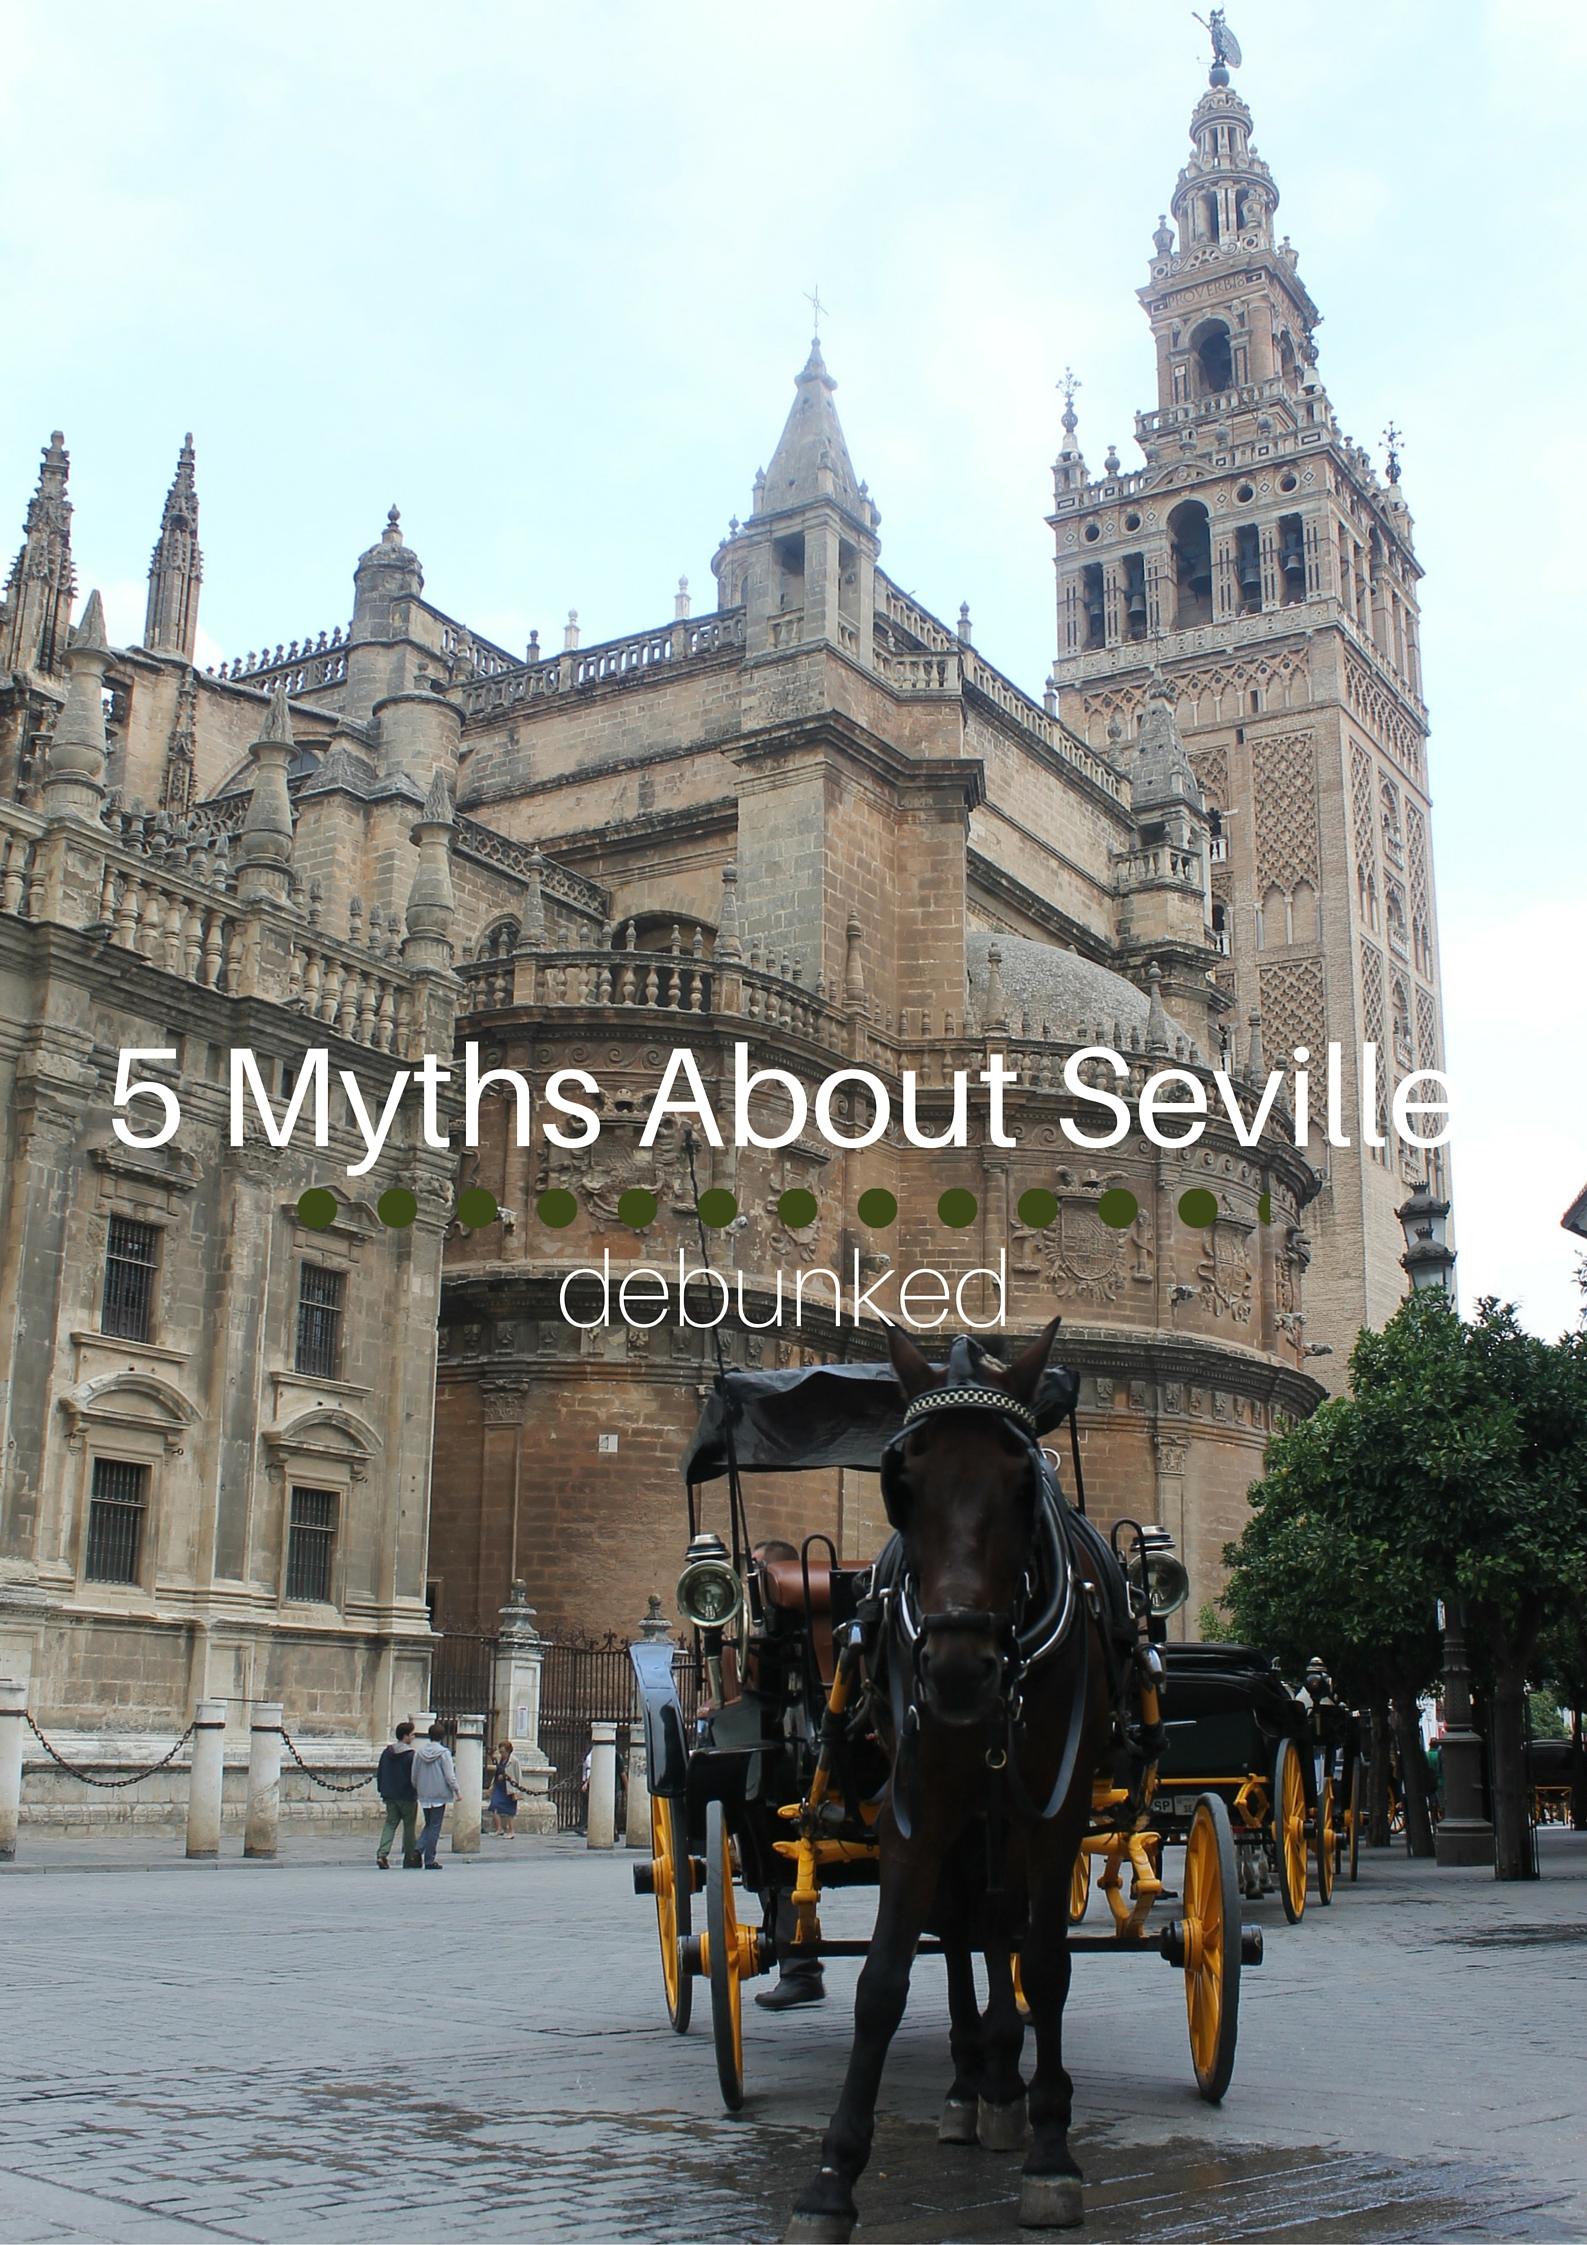 Why the myth